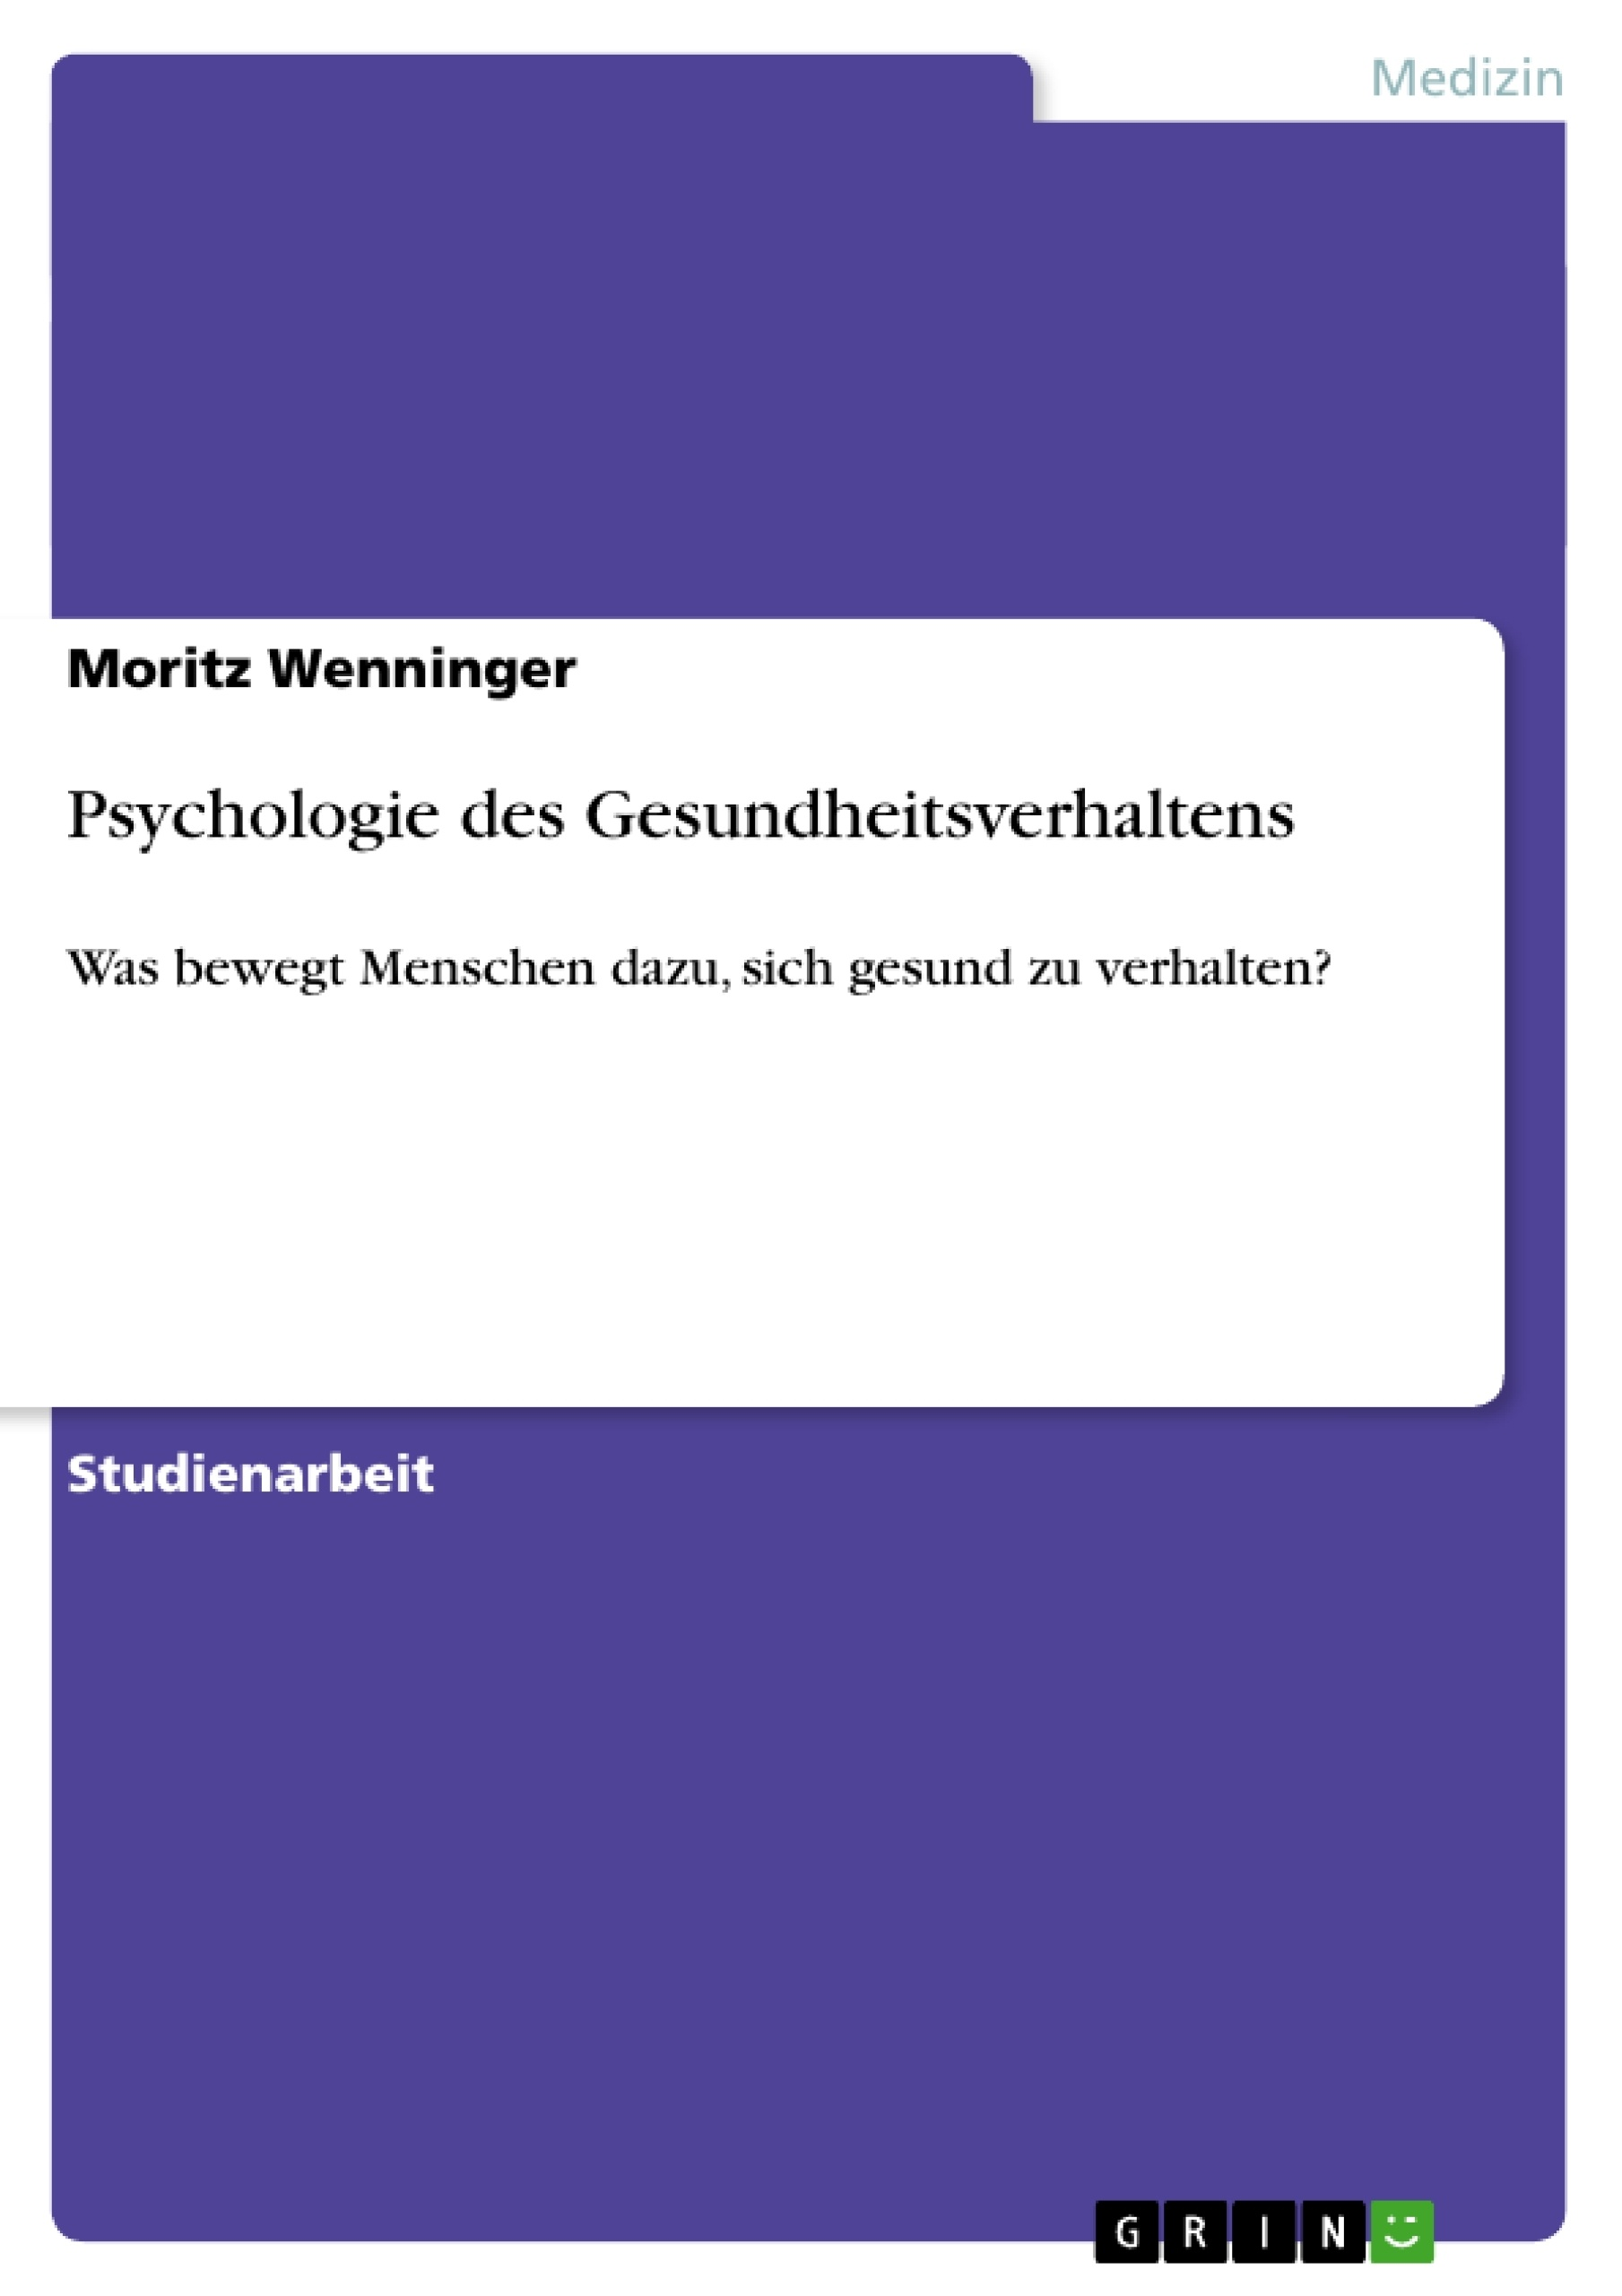 Titel: Psychologie des Gesundheitsverhaltens